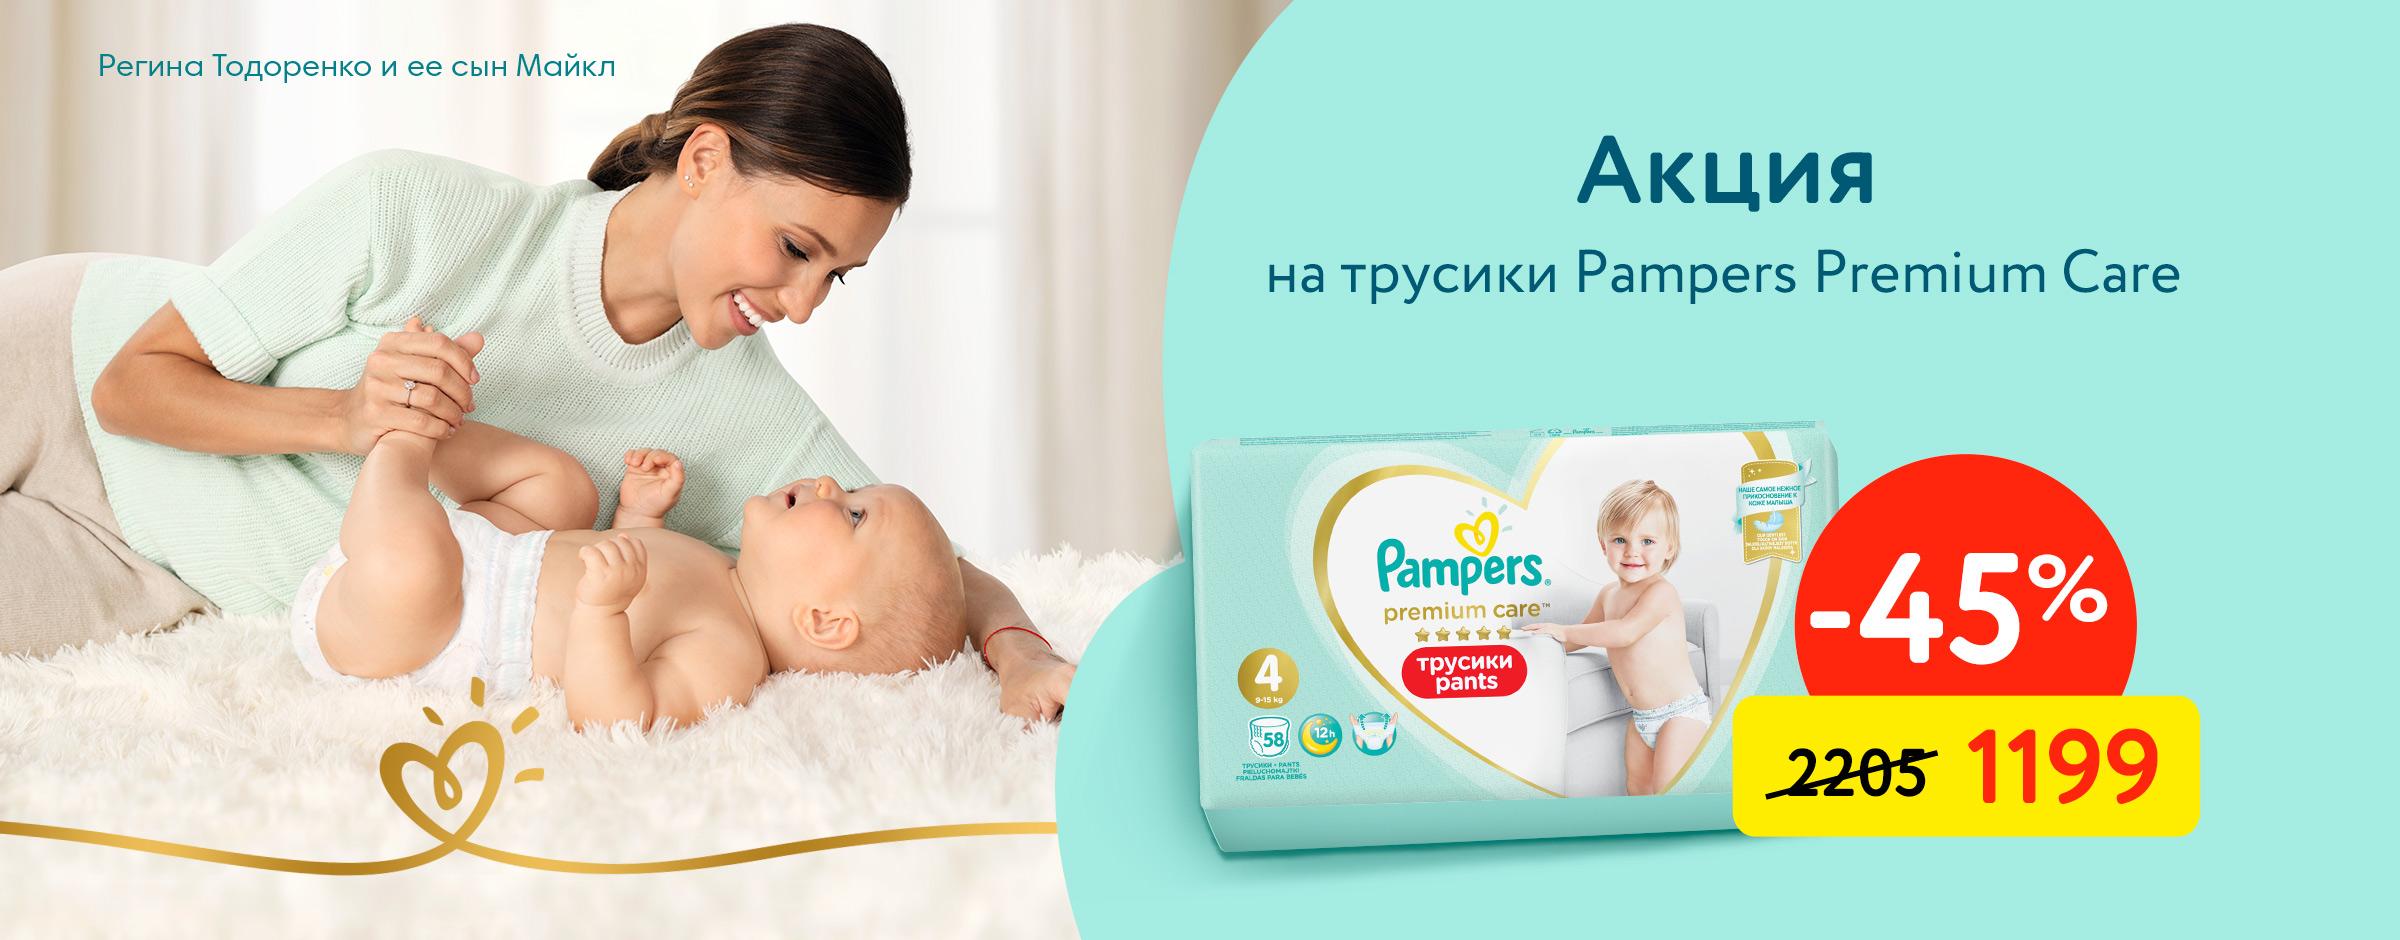 45% на трусики Pampers Premium care